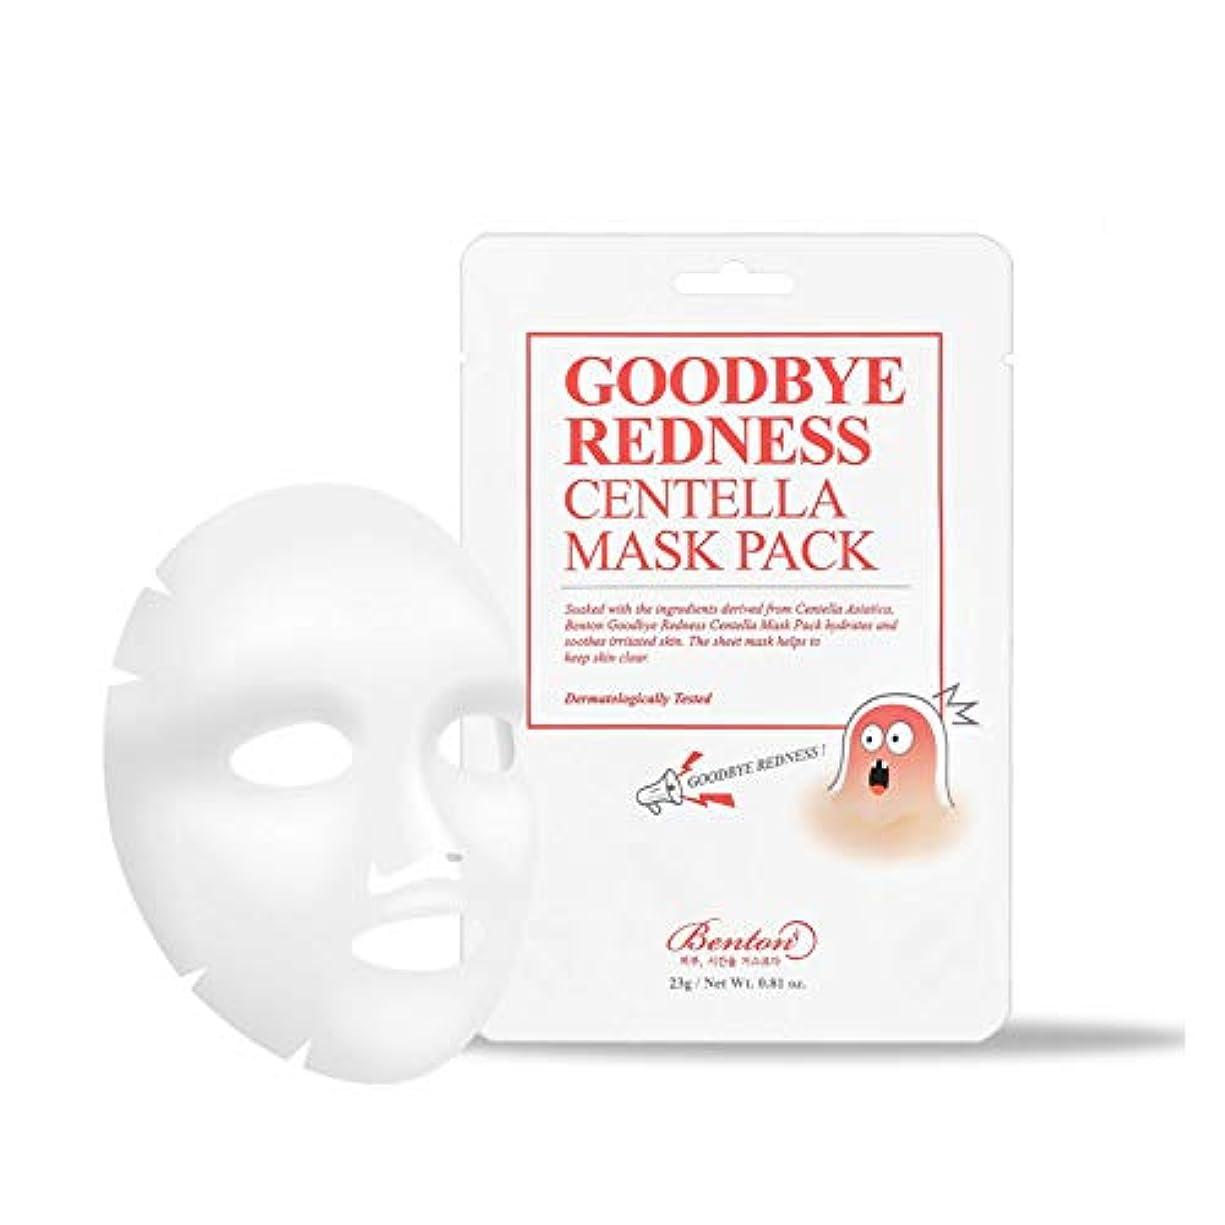 傘ぼかし急性BENTON ベントン Goodbye Redness Centella Mask Pack Sheet 10 EA グッバイレッドネスセンテラマスクパック 10個 [並行輸入品]